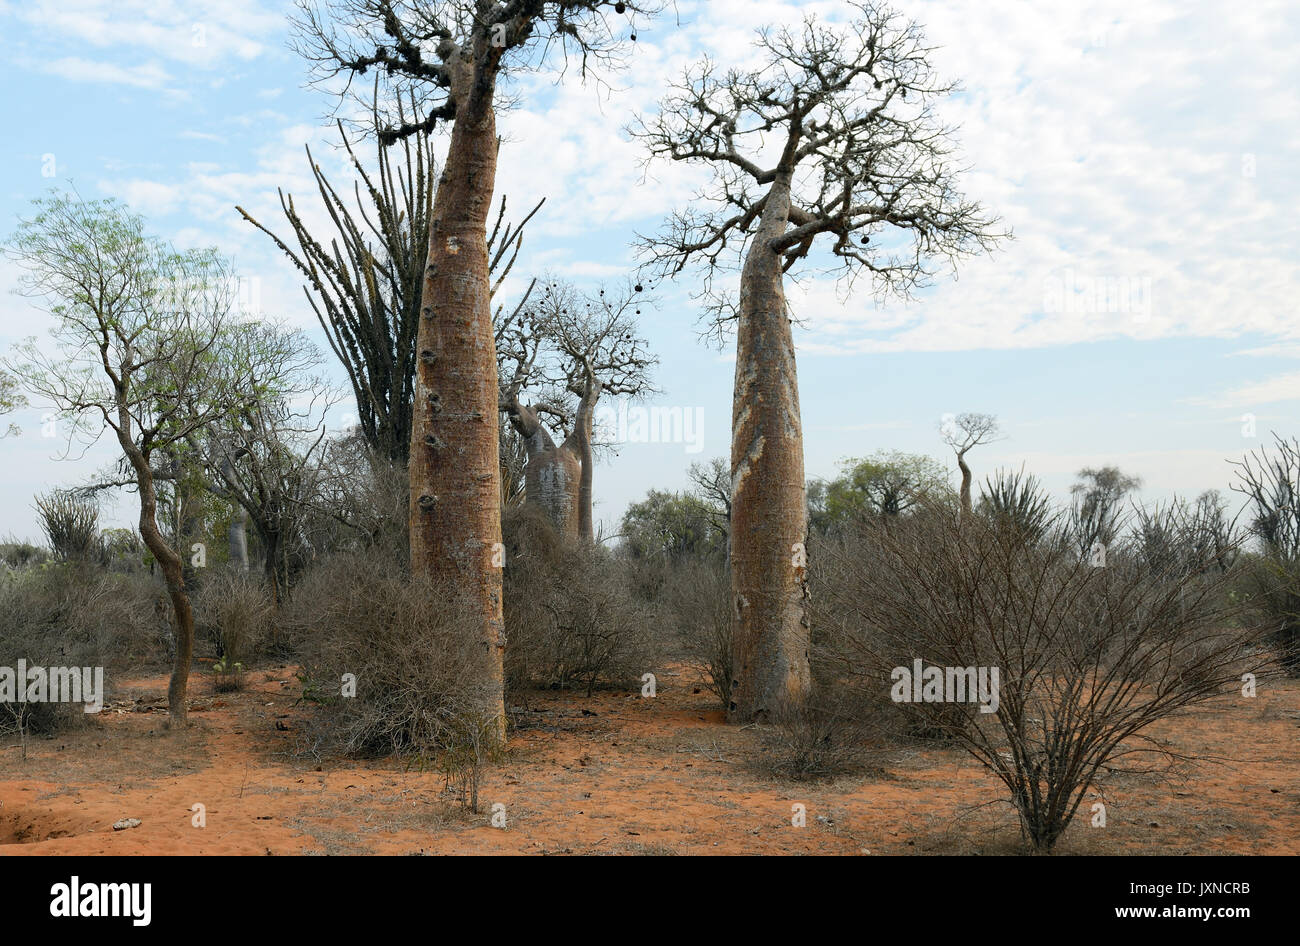 Madagaskar stacheligen Wald ist einen einmaligen Lebensraum zu Madagaskar mit praktisch jeder Komponente sowohl pflanzlichen und tierischen Arten endemisch auf der Insel. Stockbild